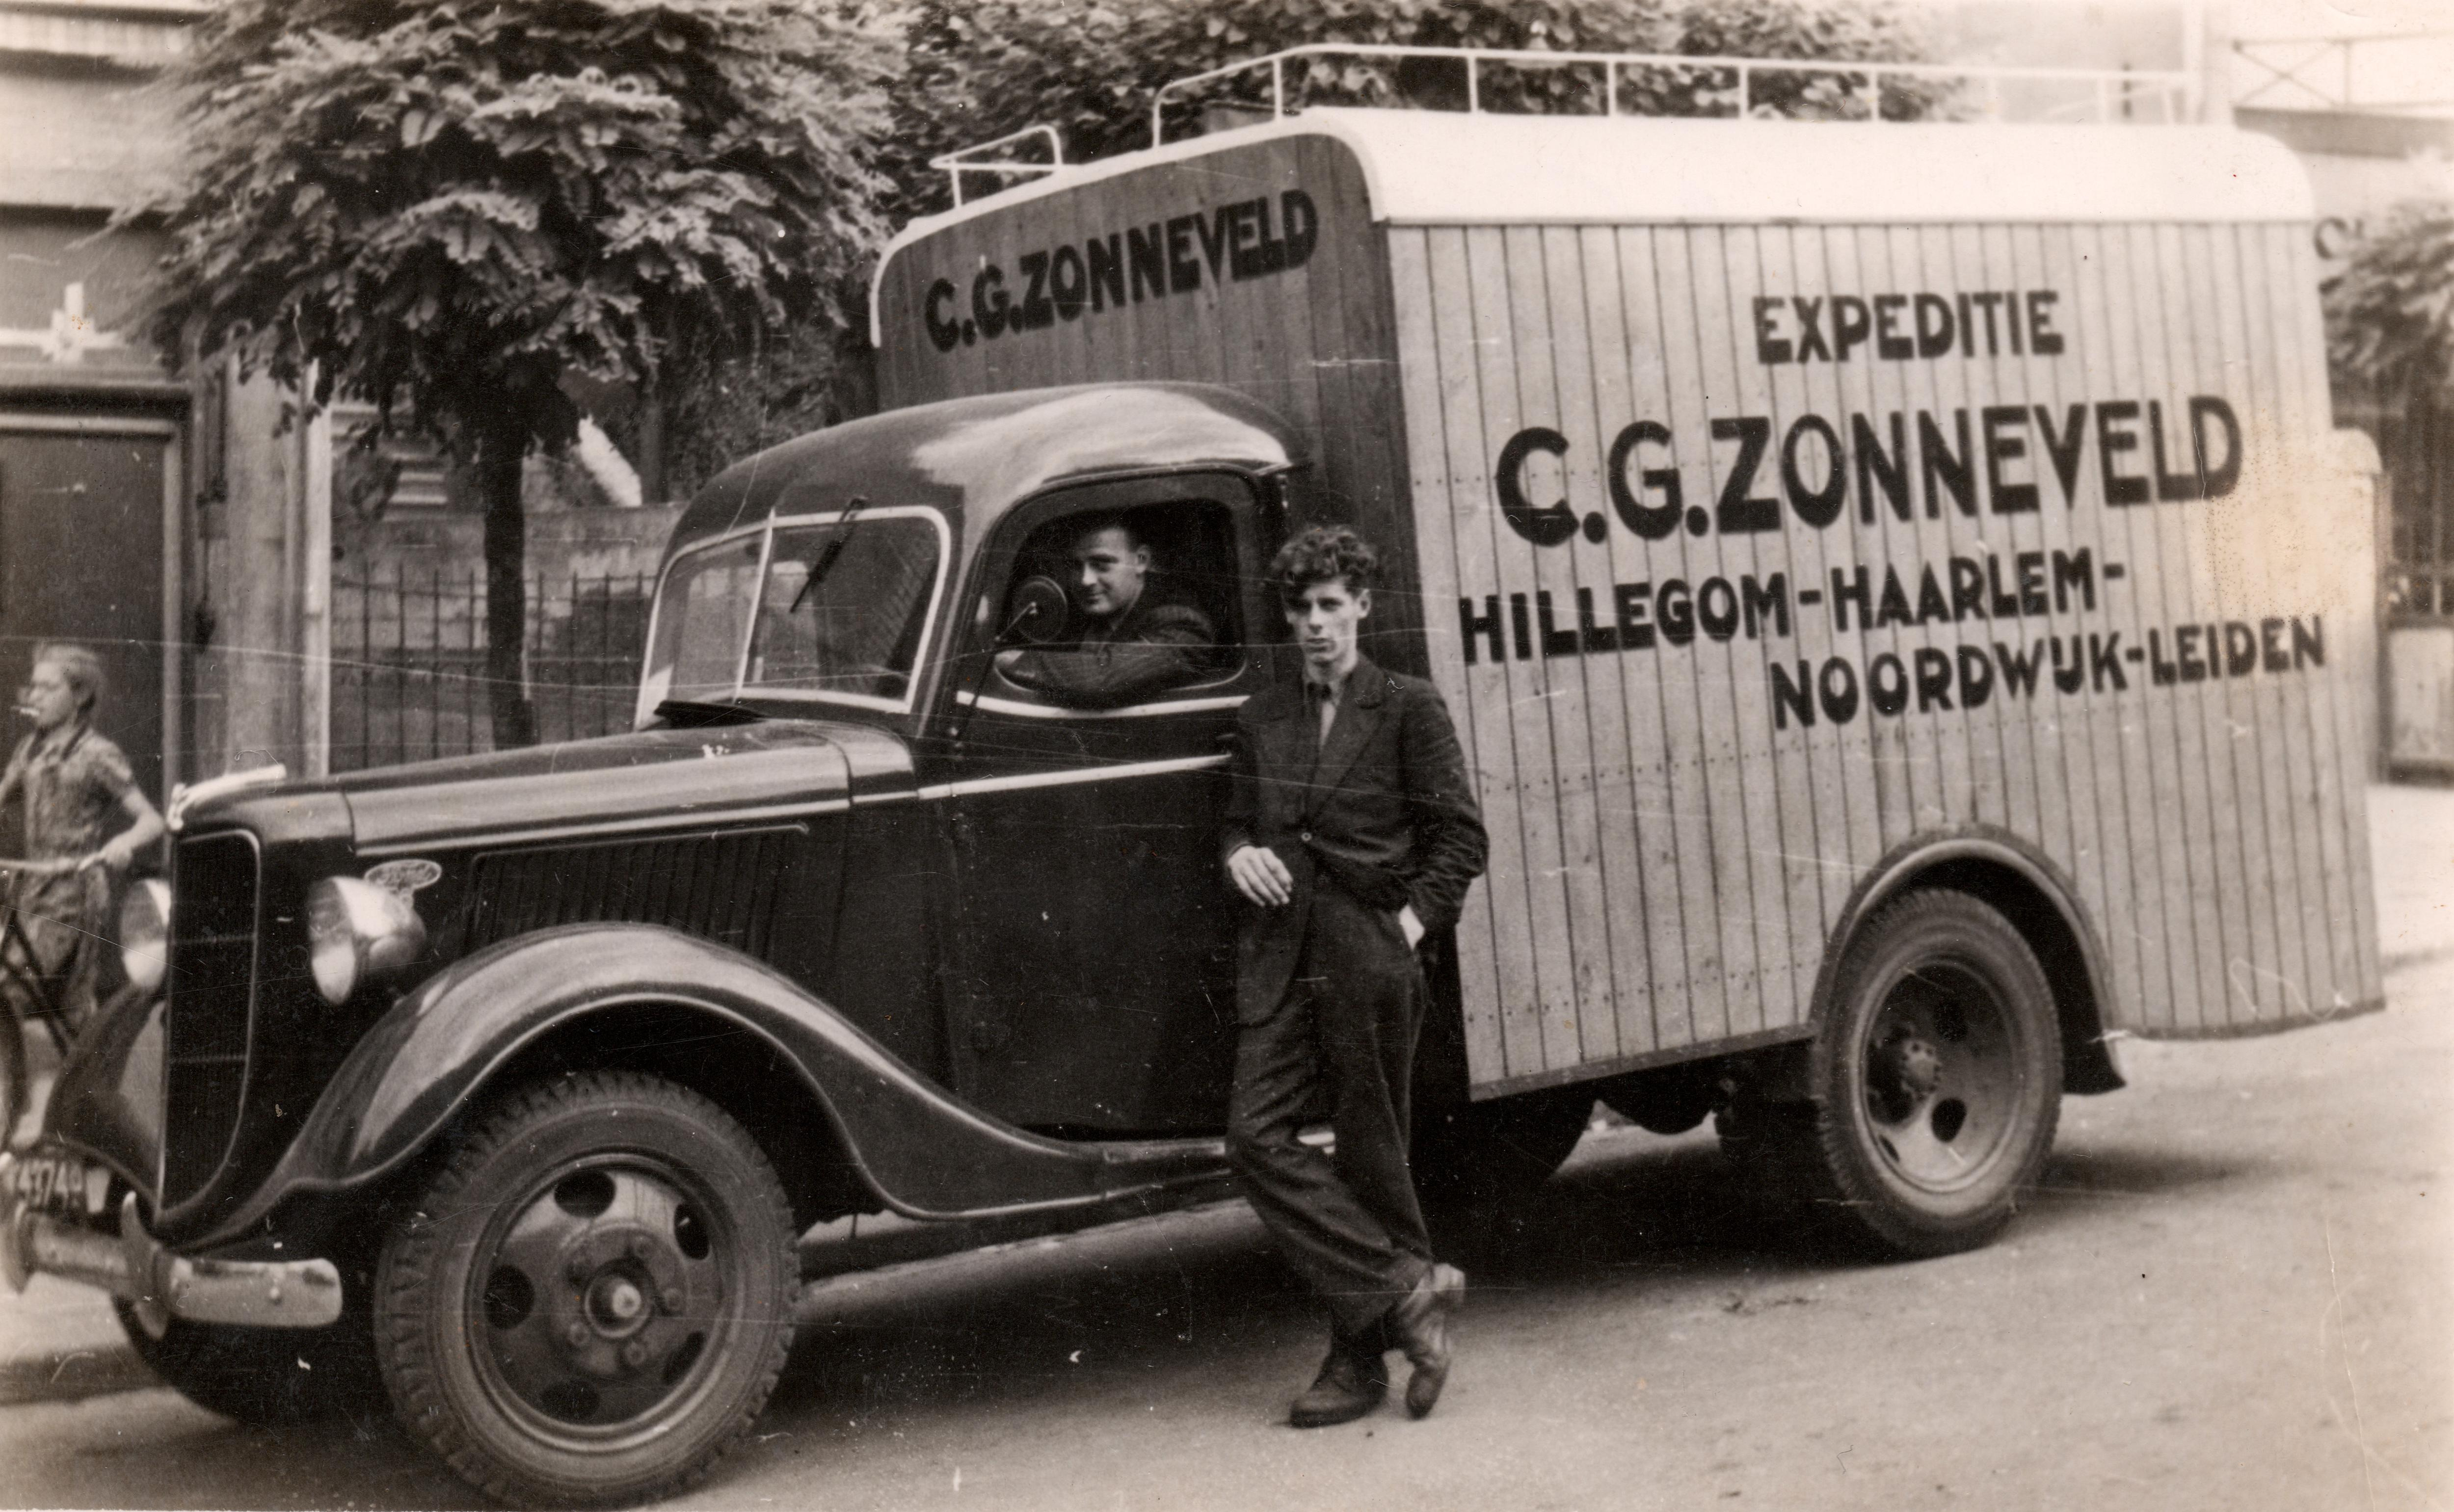 3 april 1945: 'De jongens worden beschoten!' Hoe Cor Zonneveld werd gedood door Spitfires